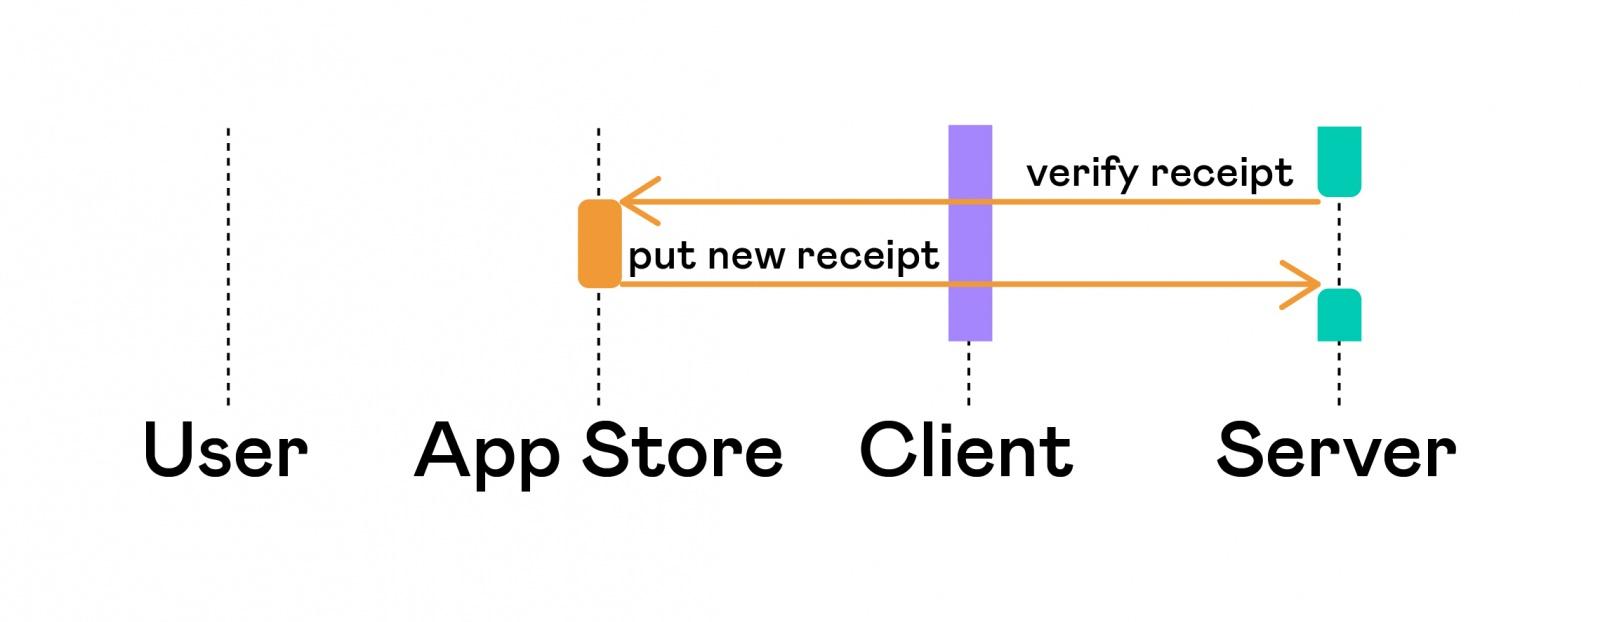 Автоматизация тестирования платных сервисов на iOS - 6